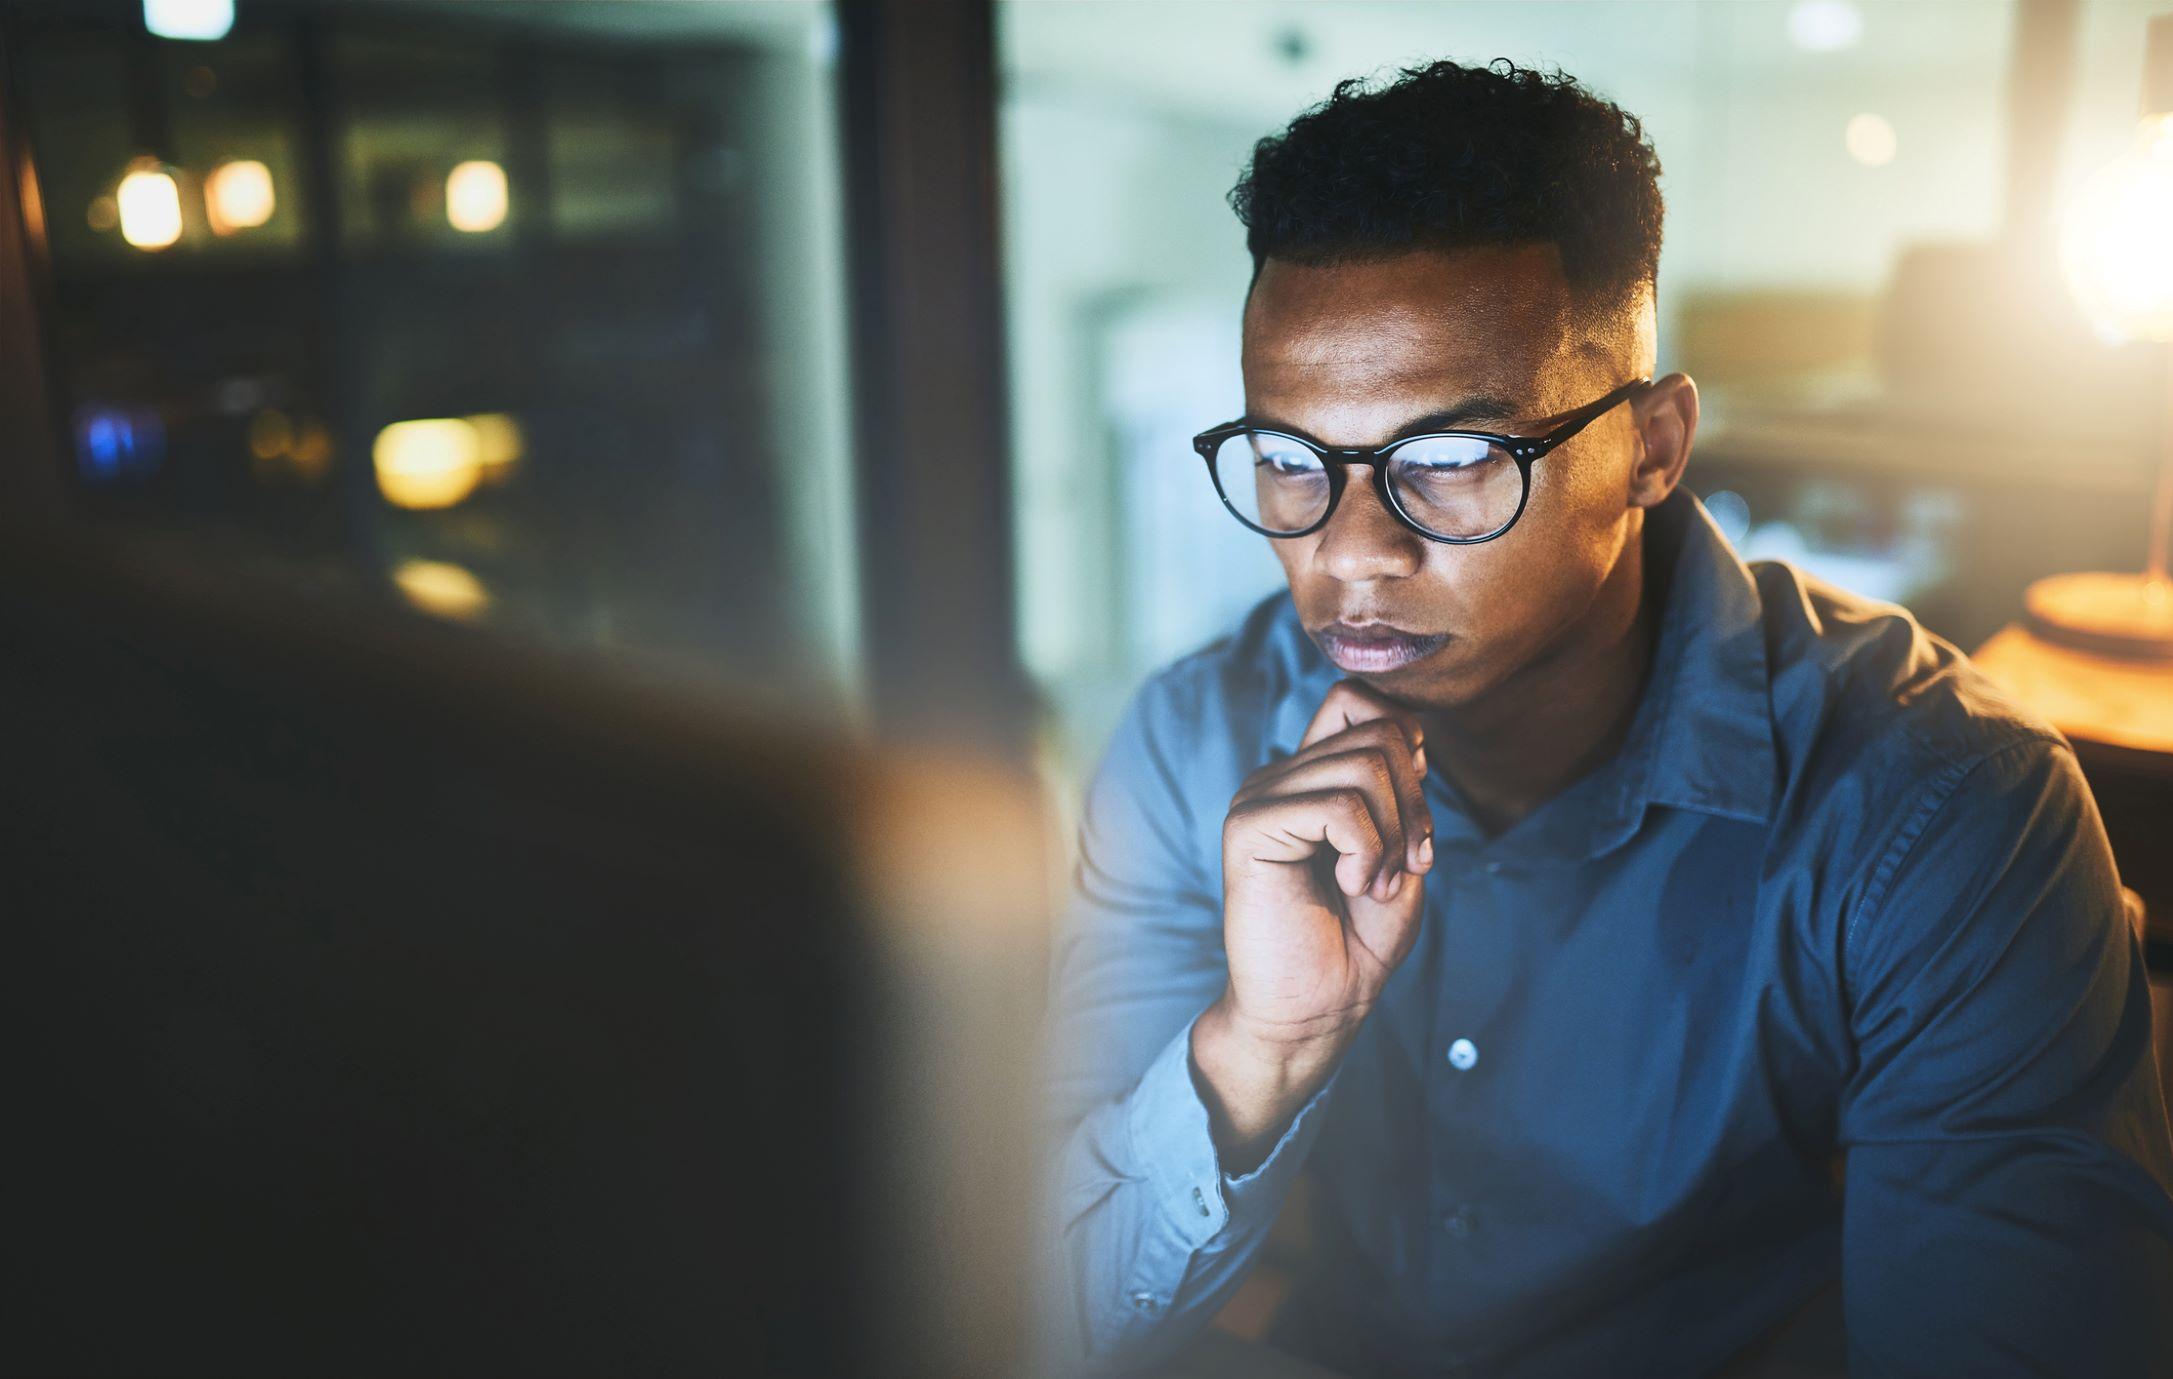 man looking at a monitor